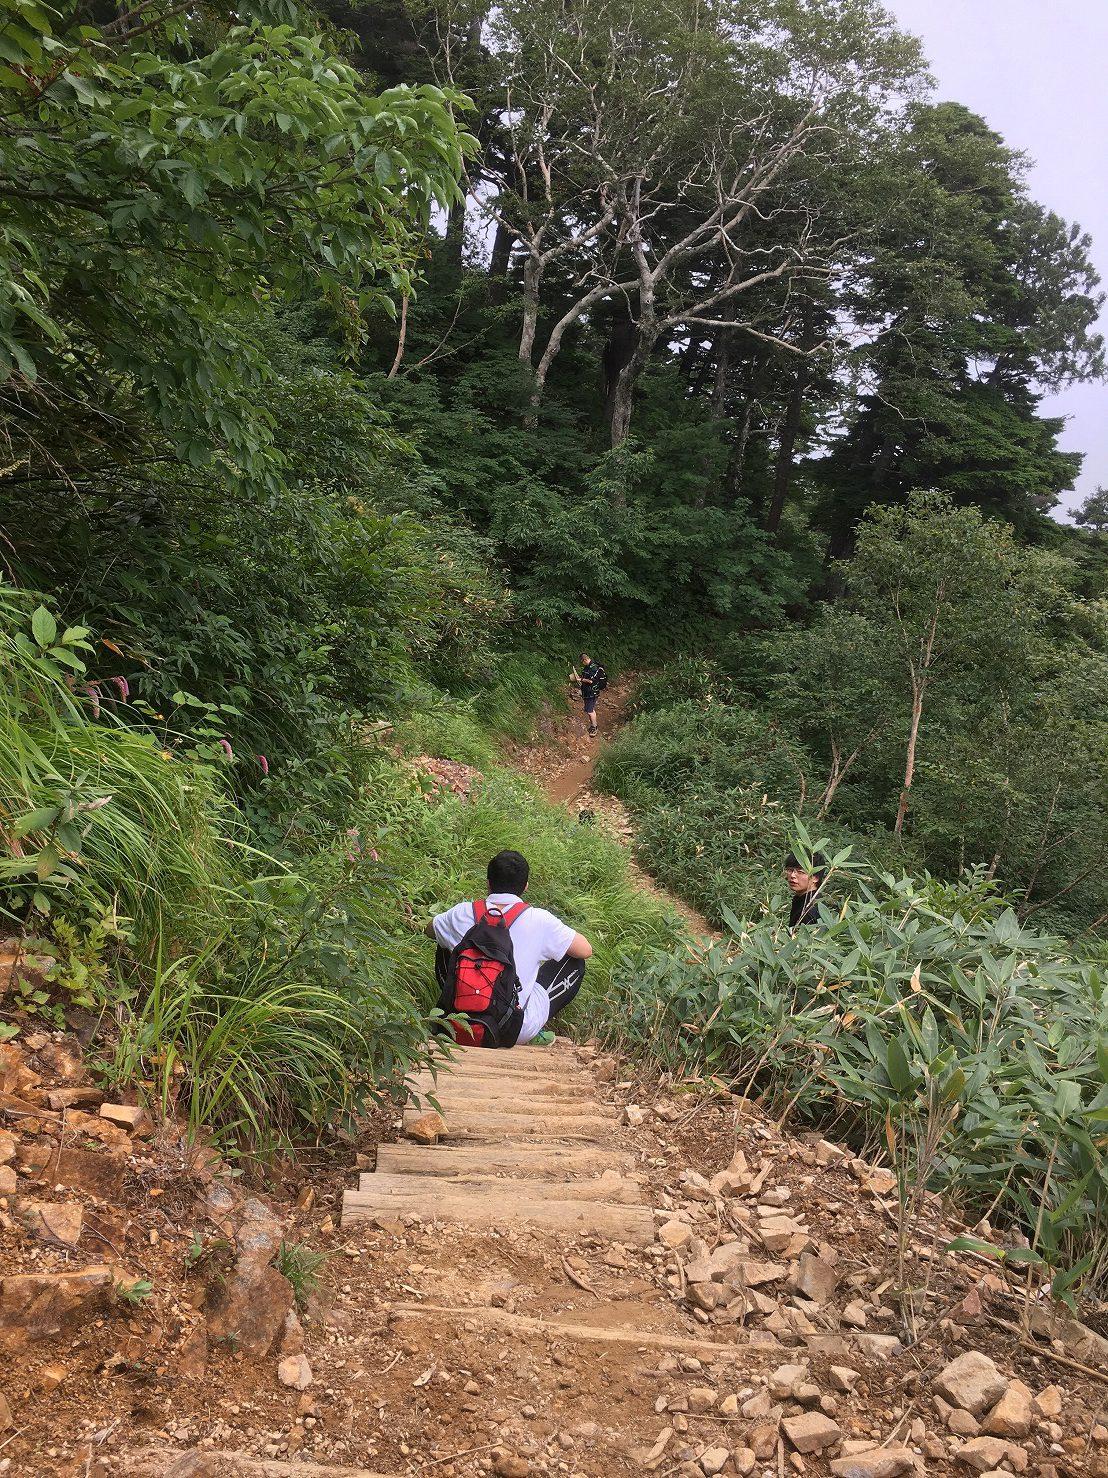 下山は容赦なく、3時間程度で下るペースです。